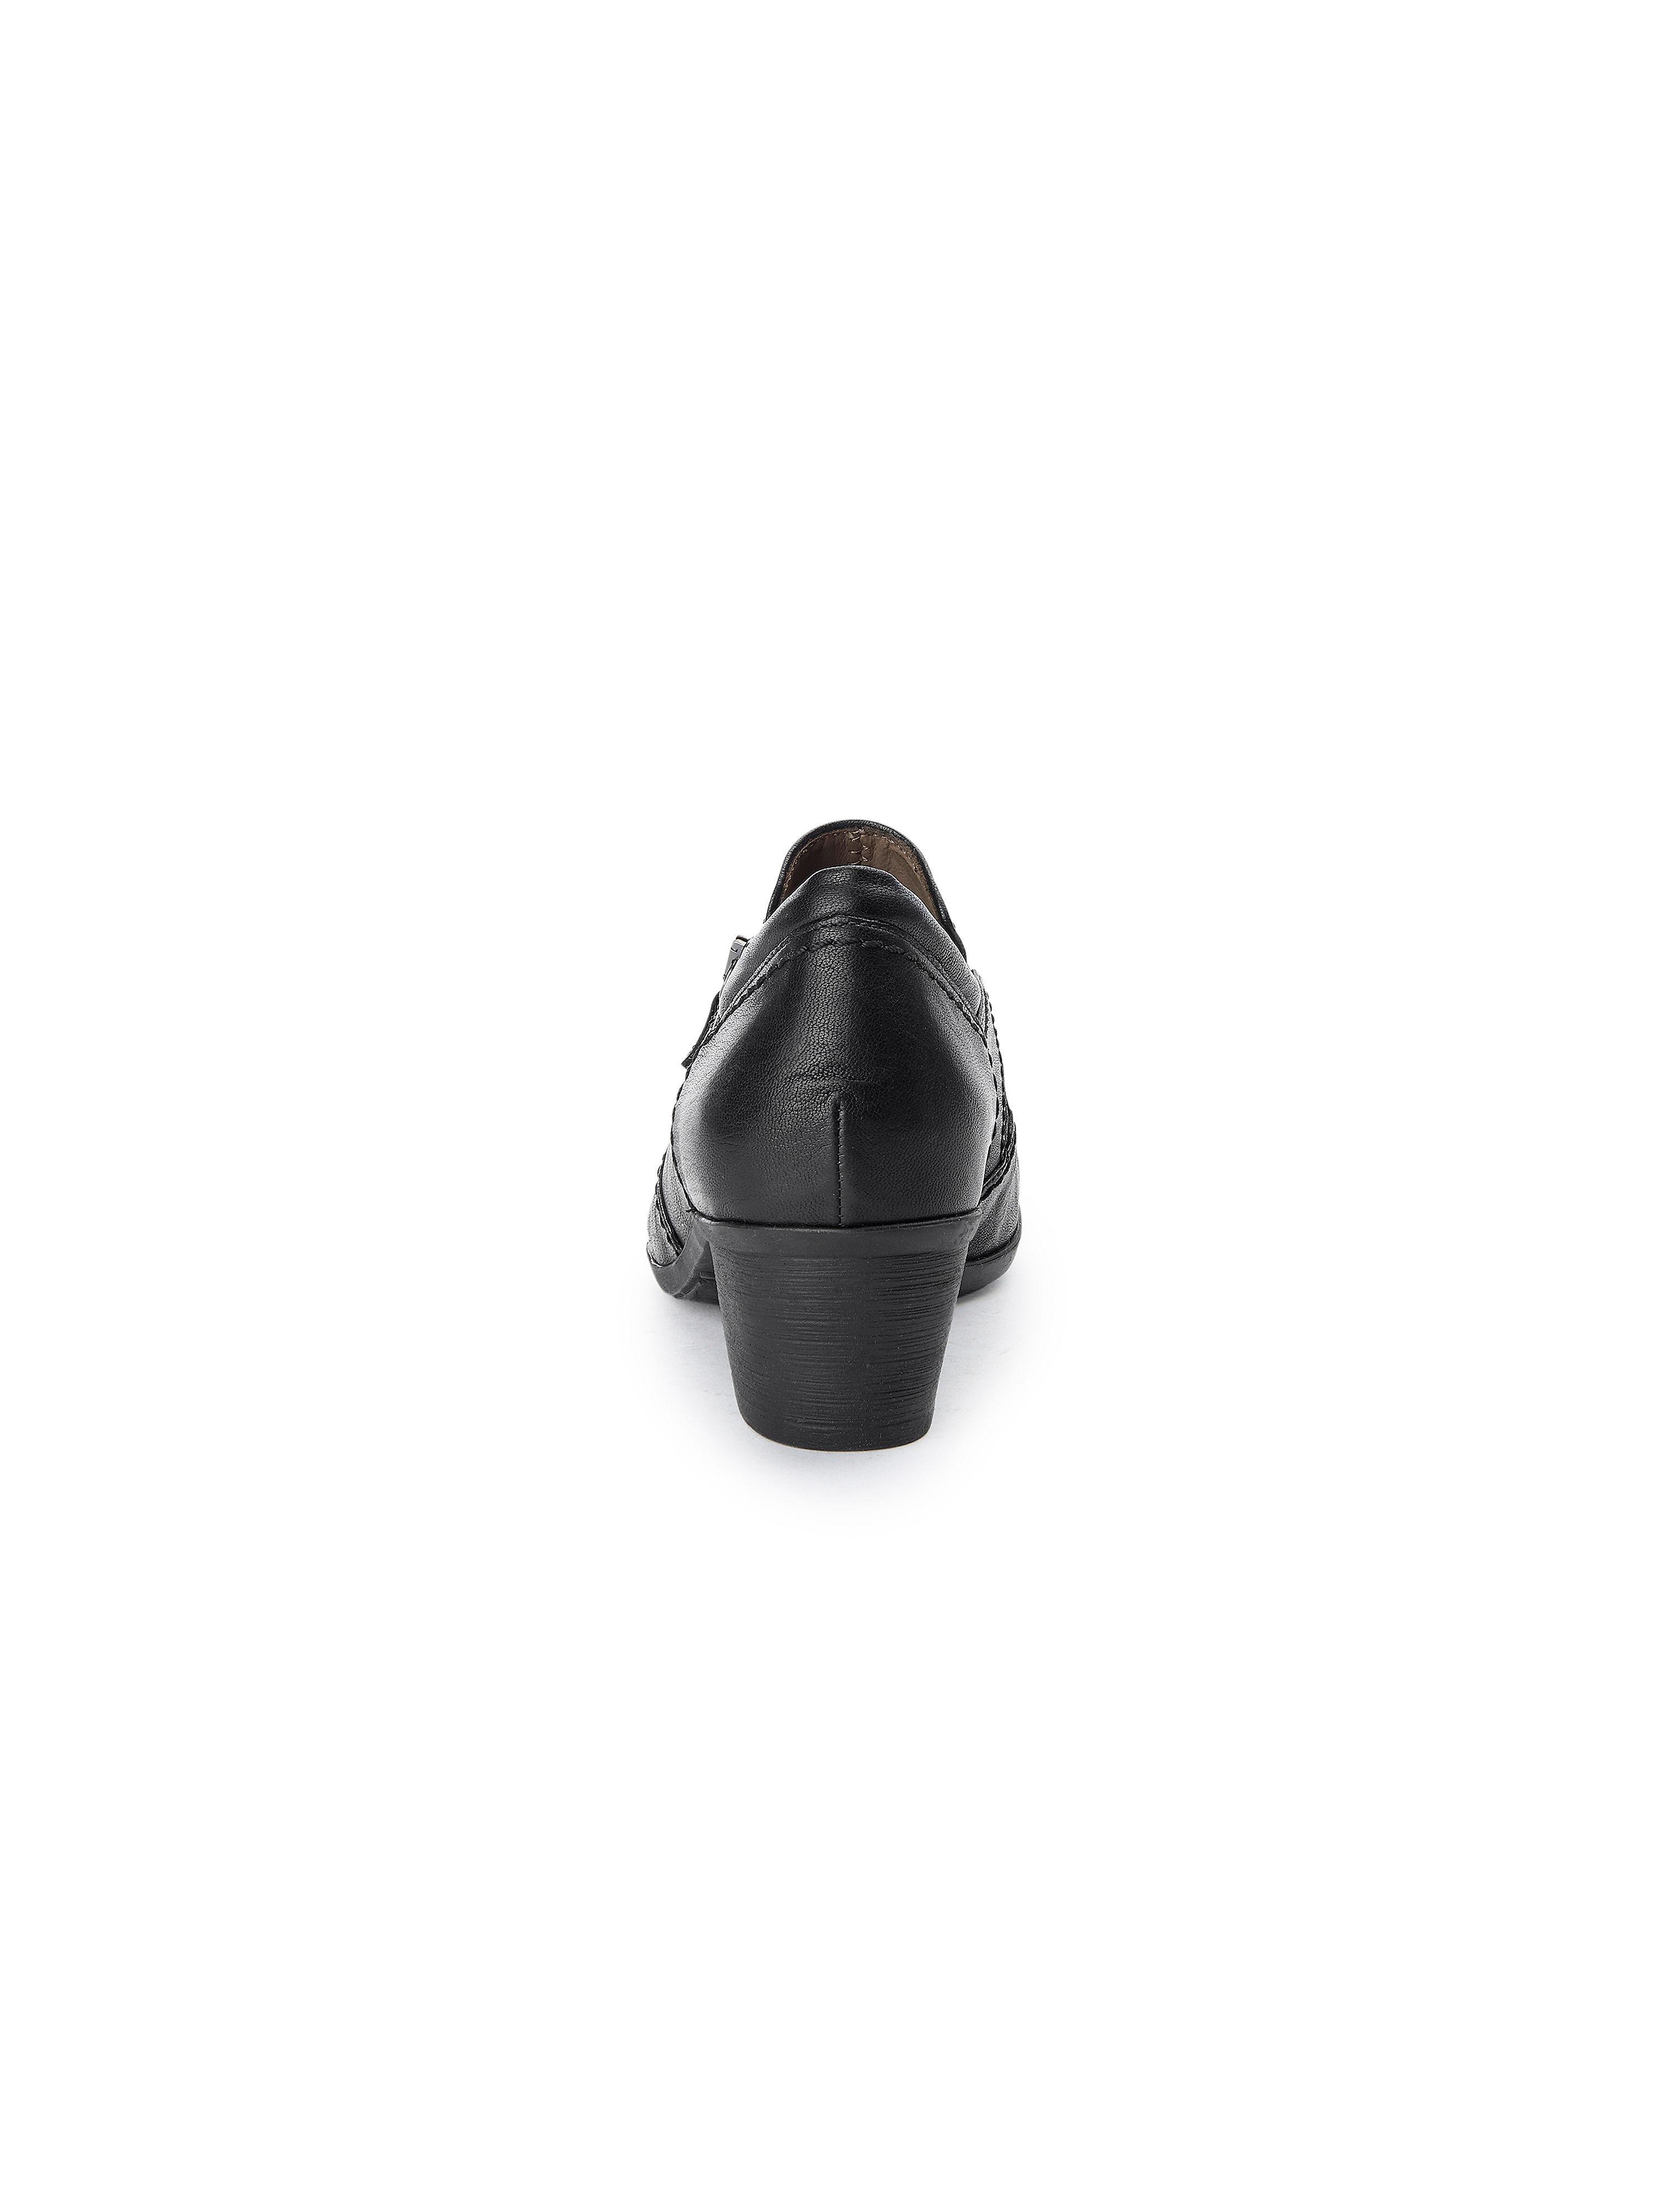 Gabor - Halbschuh aus 100% 100% 100% Leder - Schwarz Gute Qualität beliebte Schuhe 6ec42d